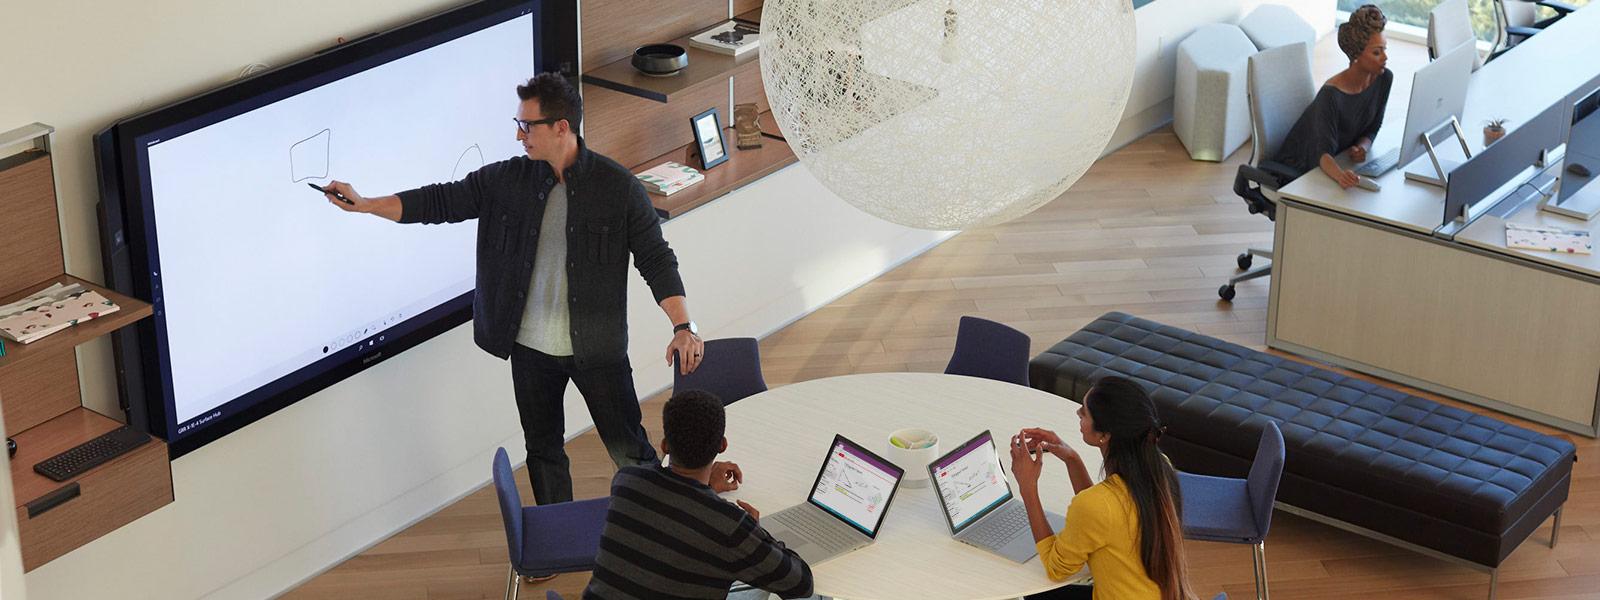 Lehrer hält Präsentation auf Surface Hub, während Schüler am Tisch auf Surface Books tippen.